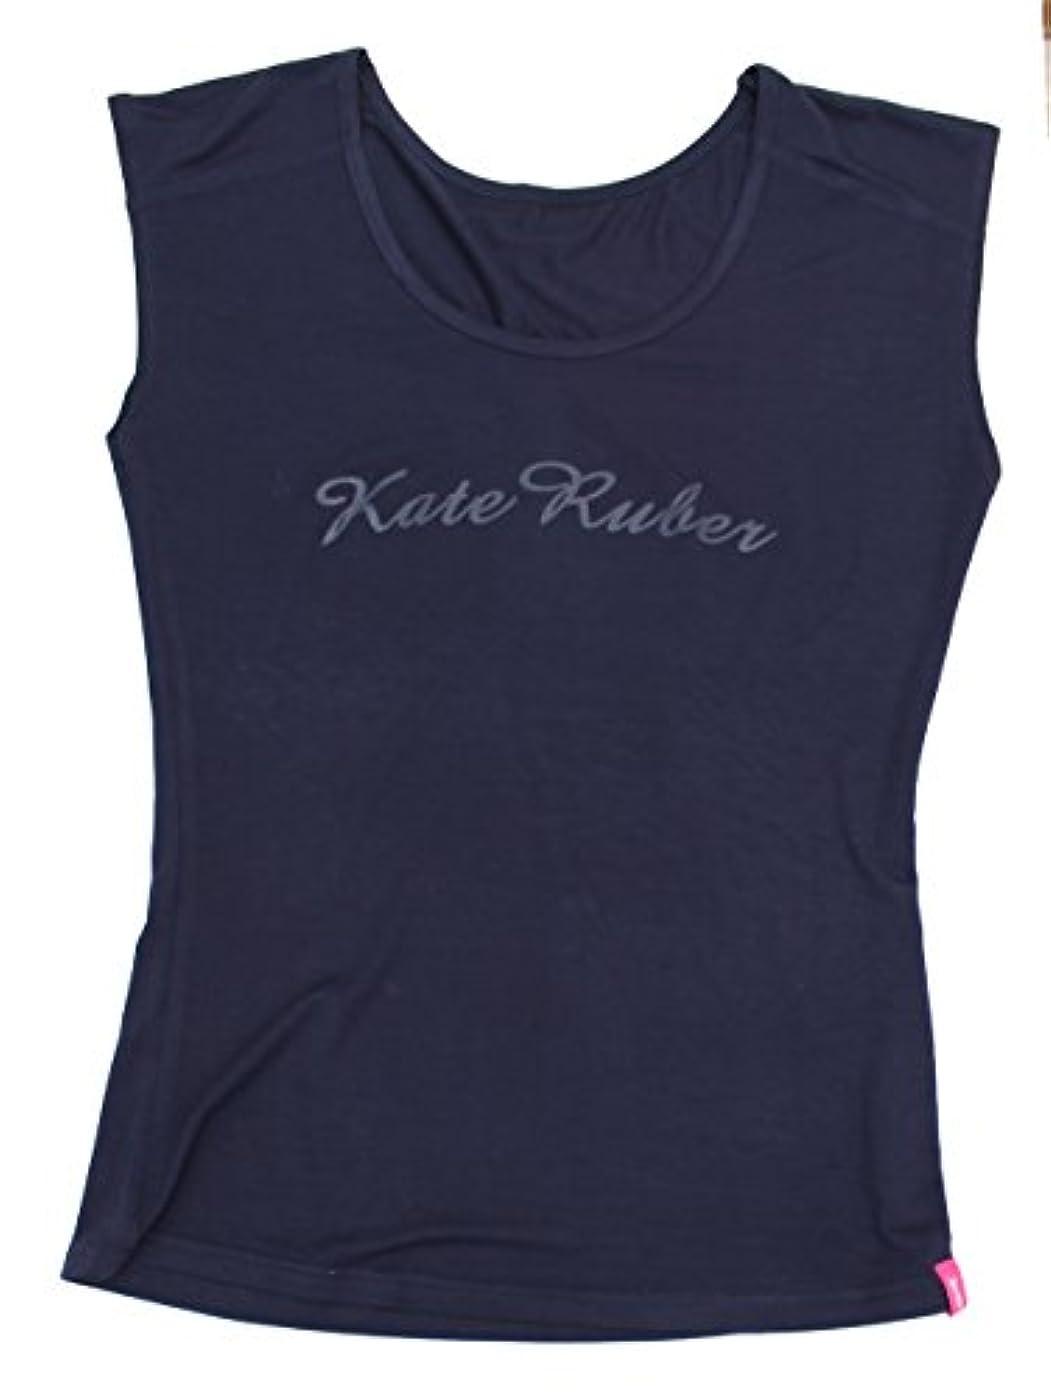 日記彼女自身あいさつKate Ruber (ケイトルーバー) ヨガTシャツ ネイビーLL-3L